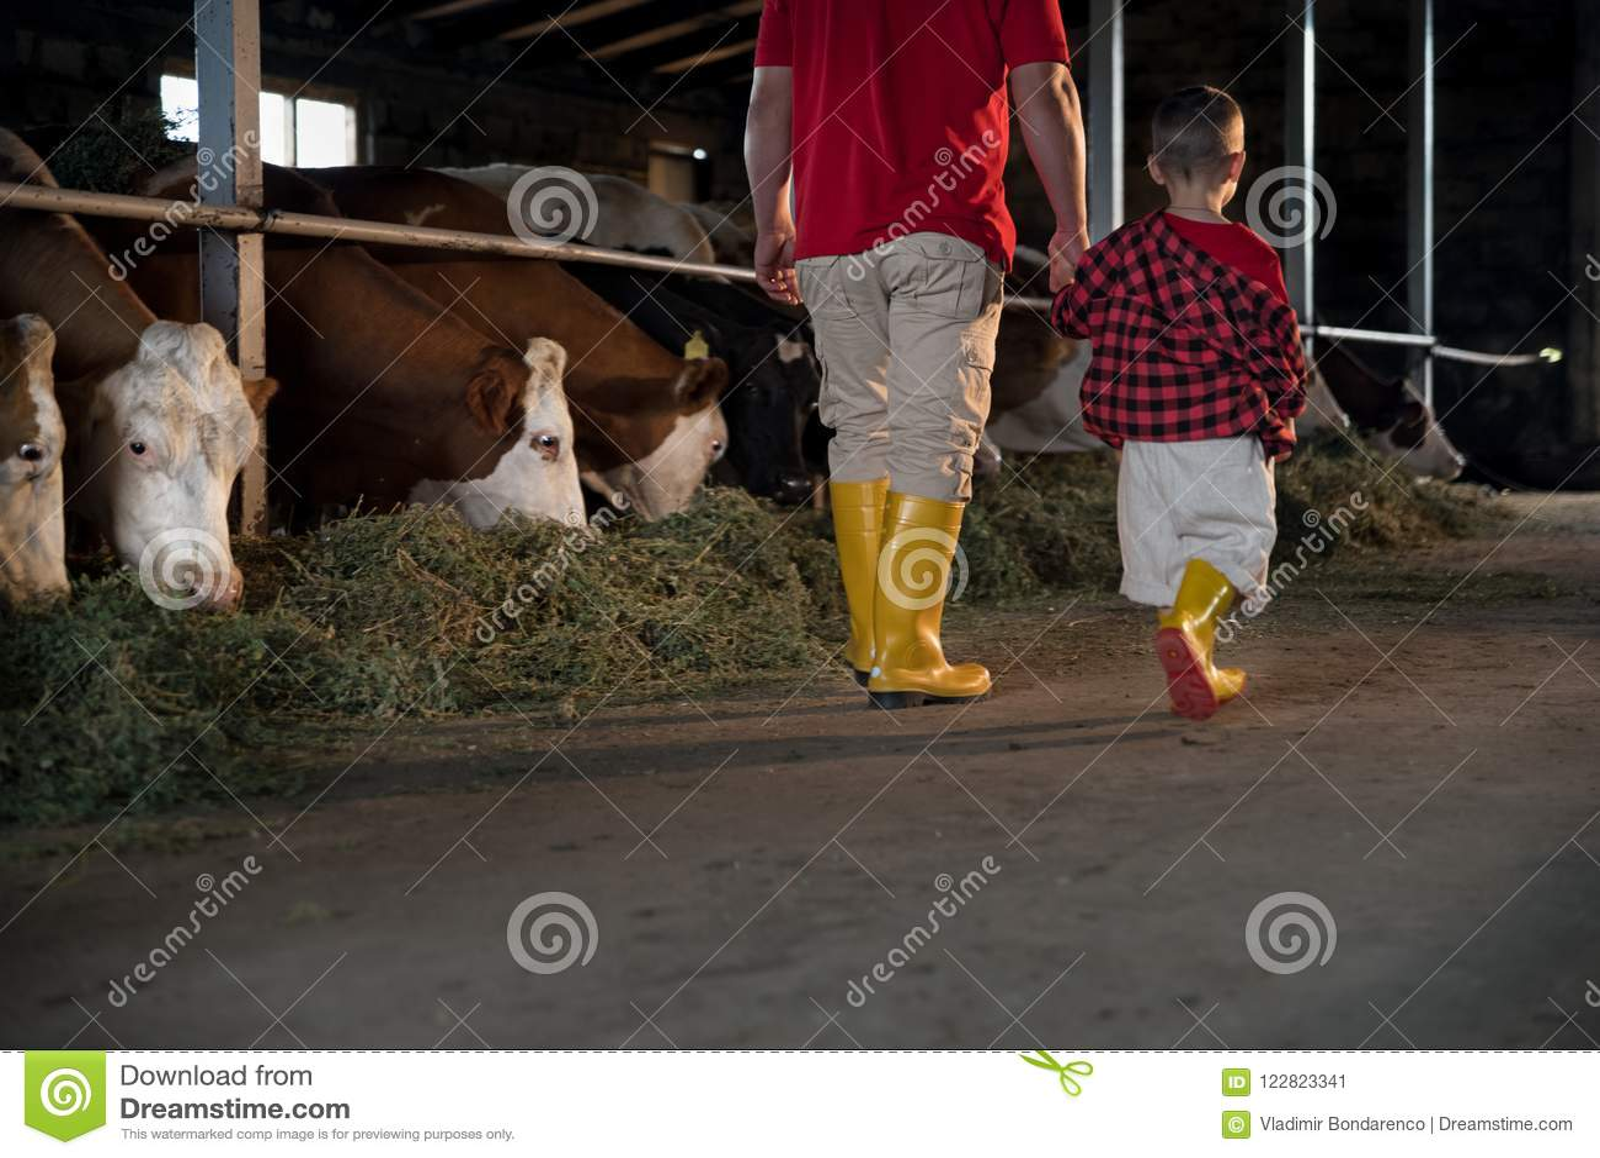 Земледелие, люди и концепция поголовья - человек или фермер при его сын идя вдоль коровника и коров на молокозаводе fa